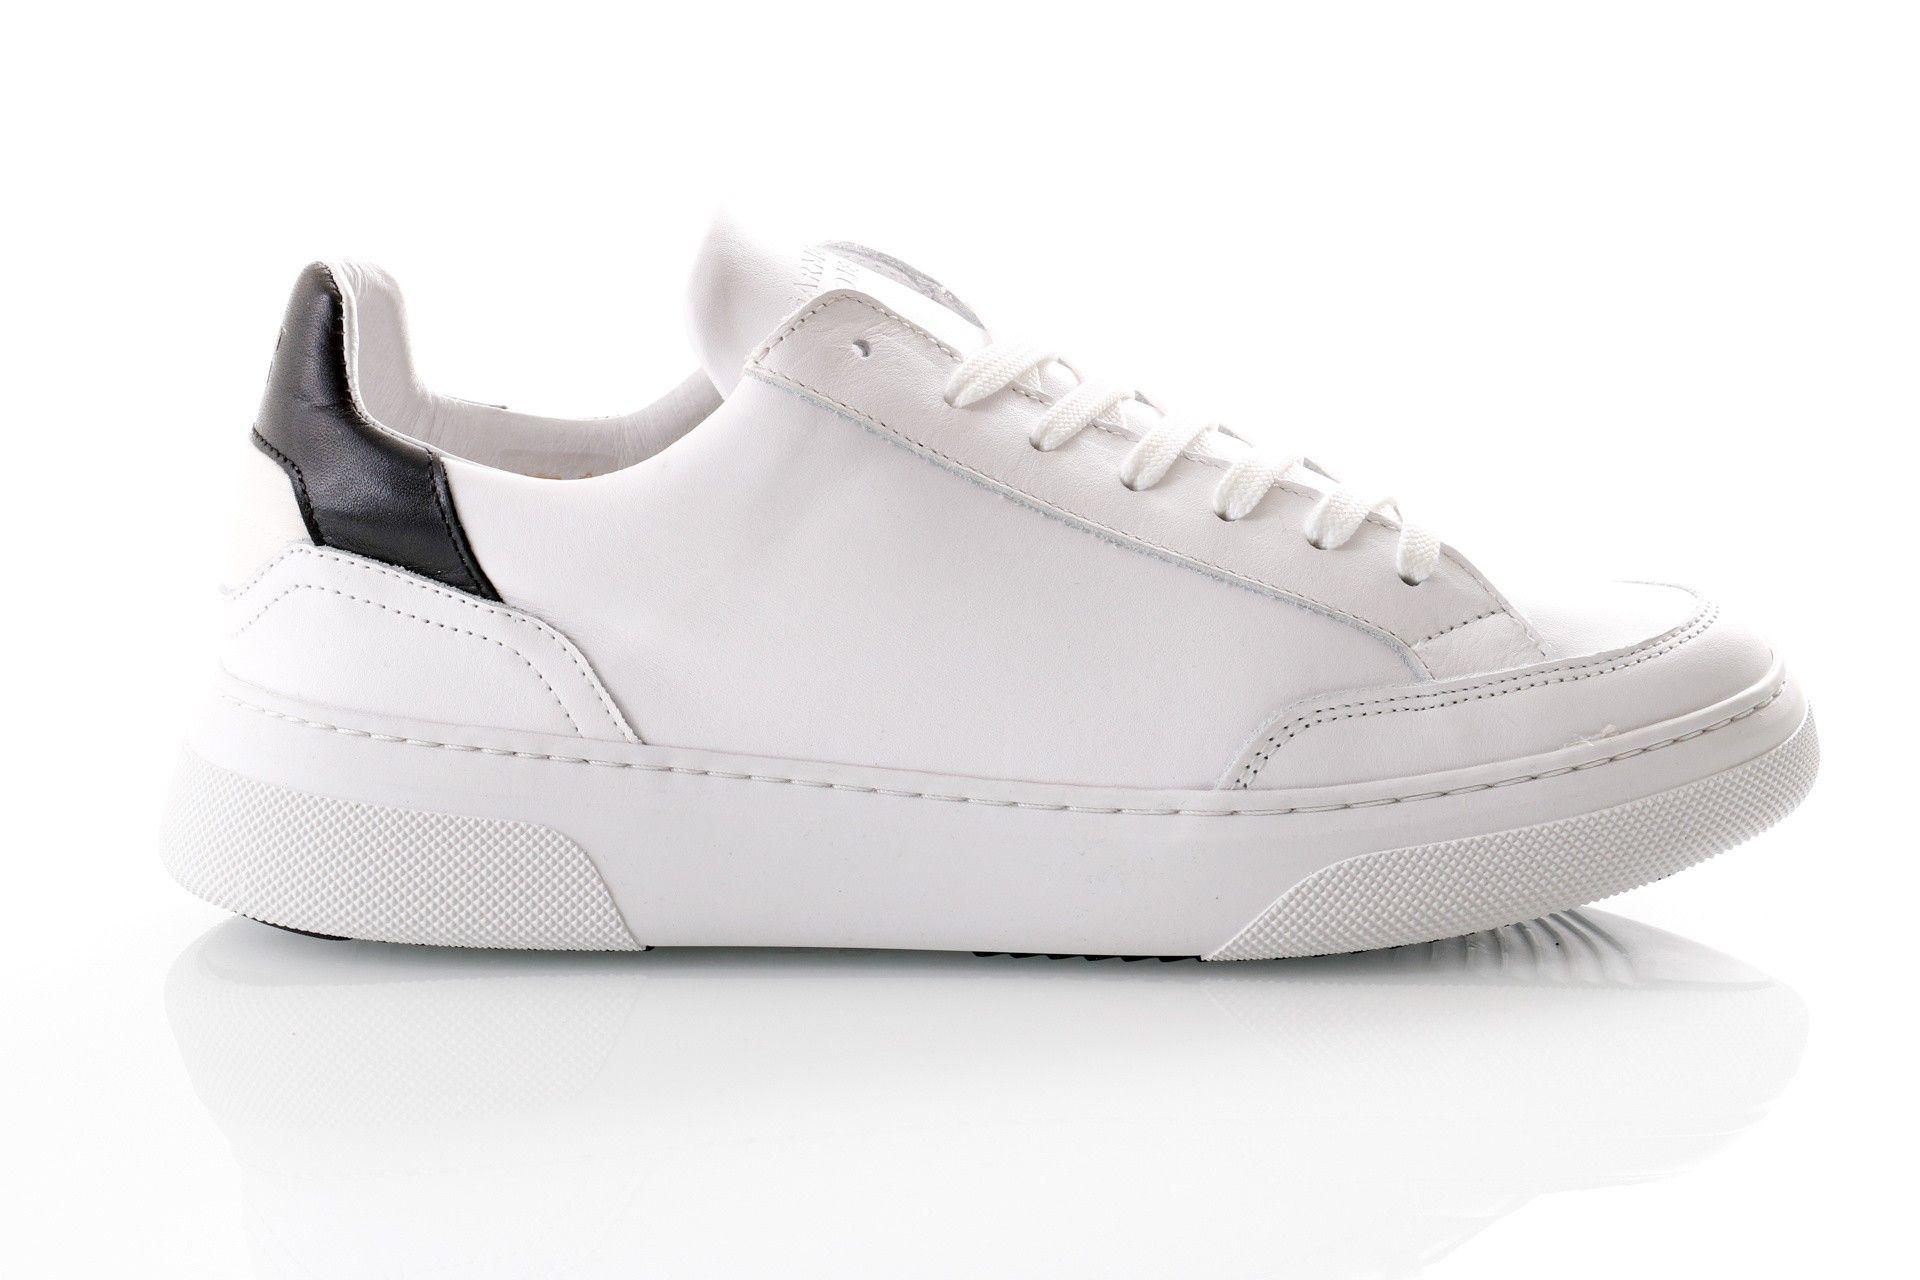 Afbeelding van Garment Project Off Court Gp1943-100 Sneakers White